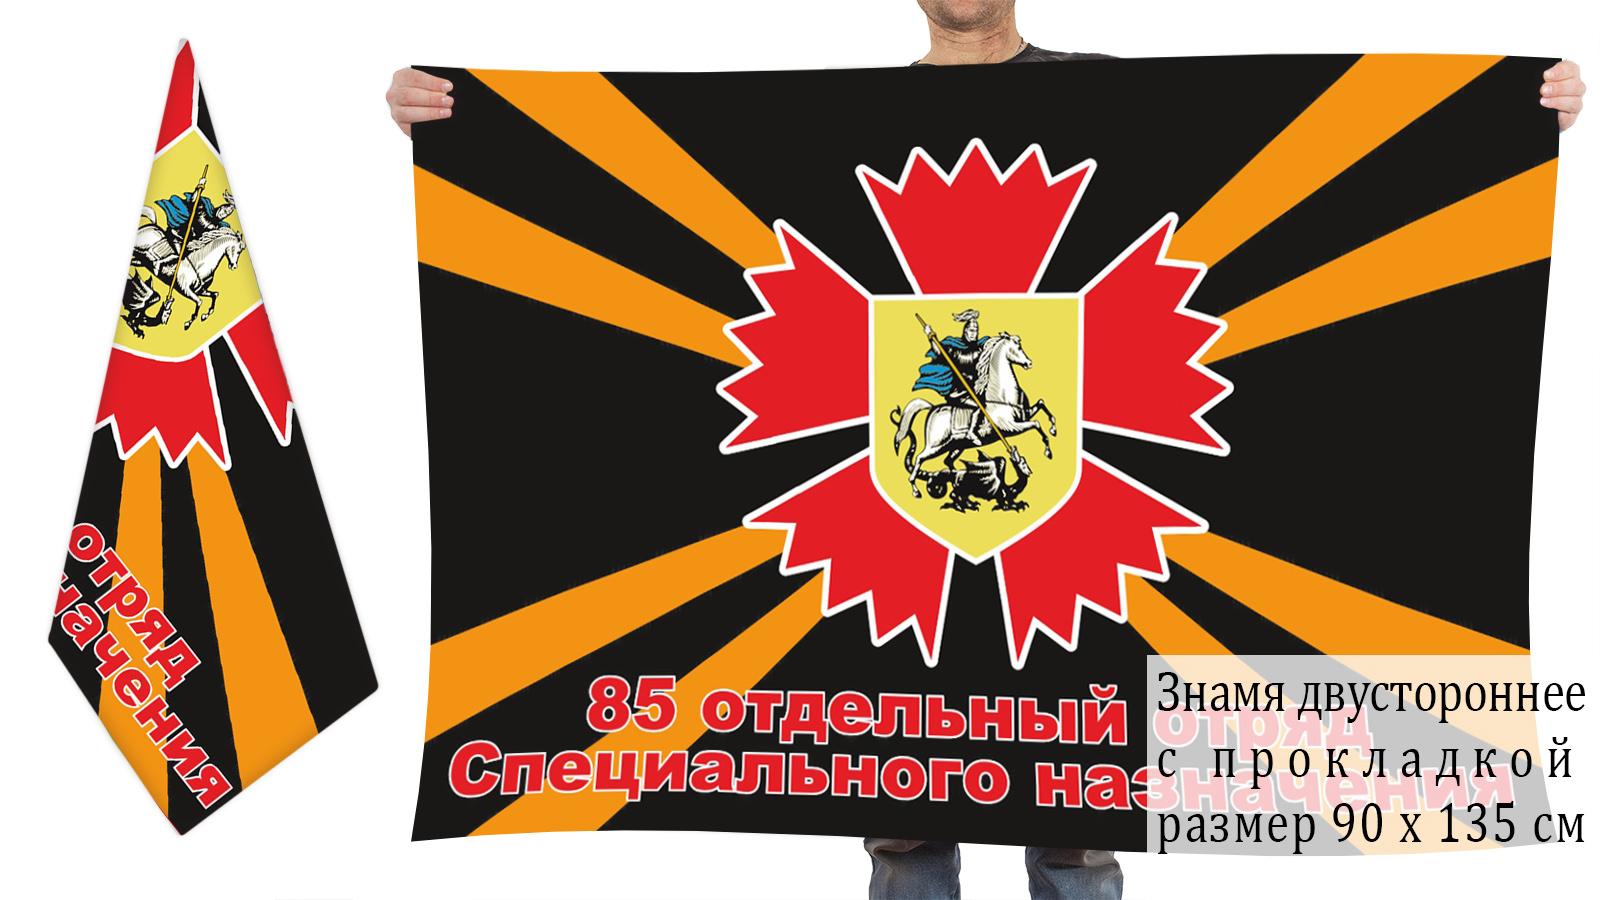 Двусторонний флаг 85 отдельного отряда спецназа